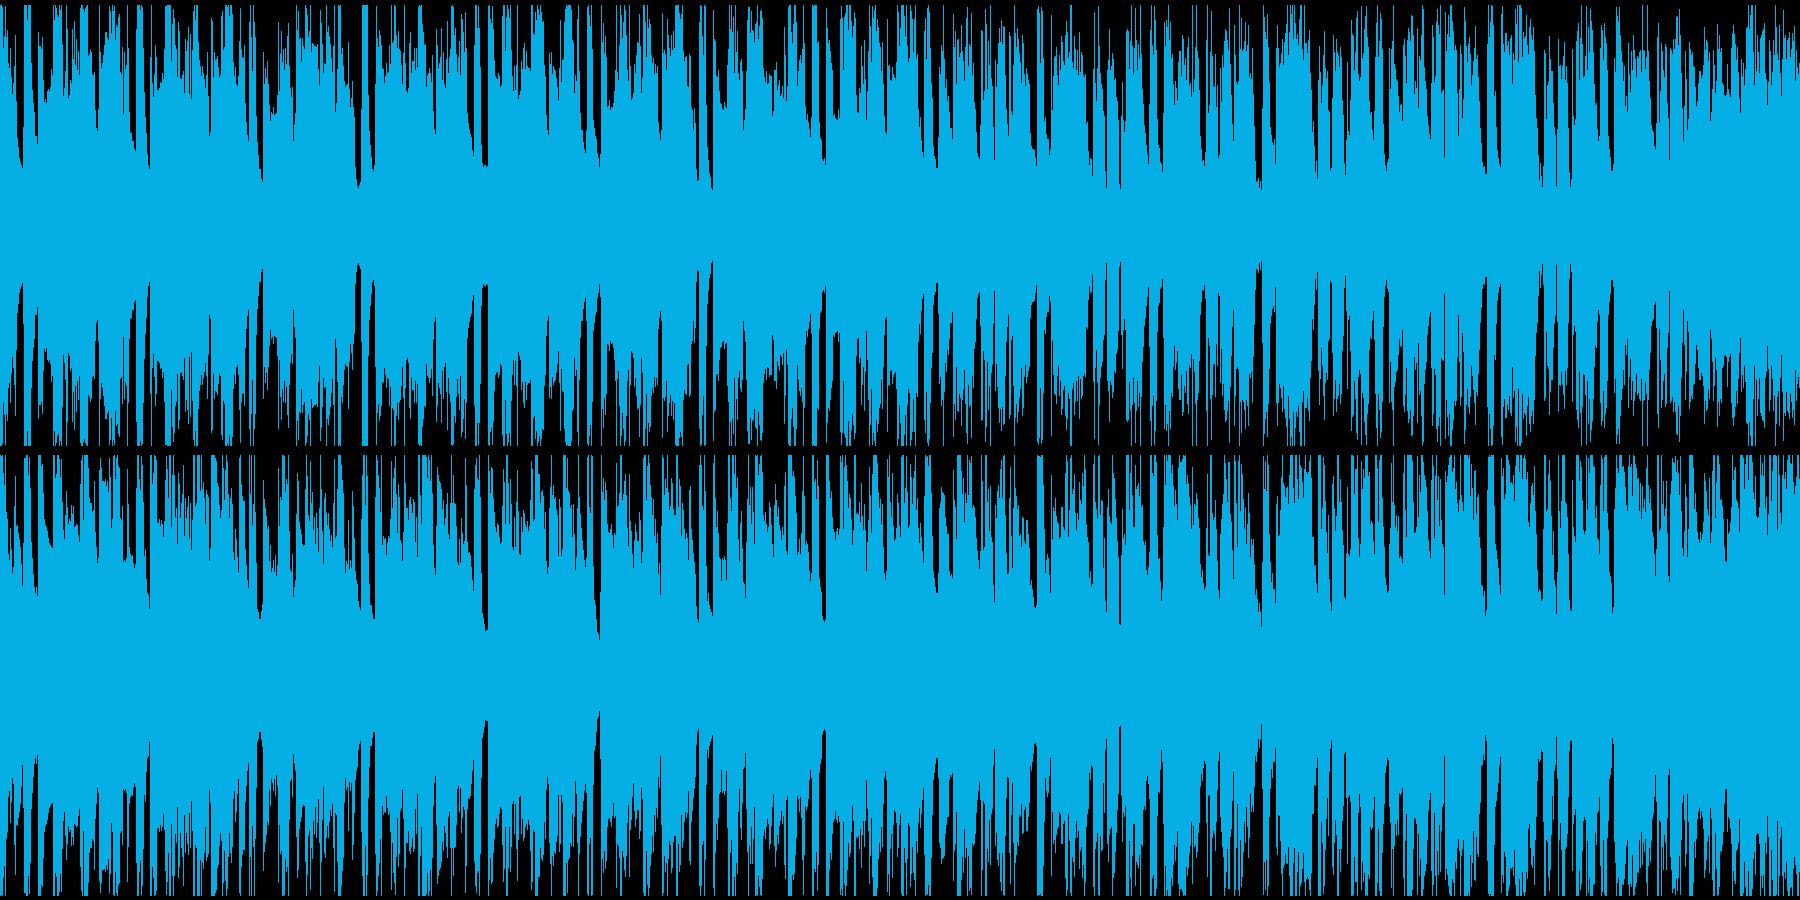 和風動画向け琴フュージョンループ1の再生済みの波形